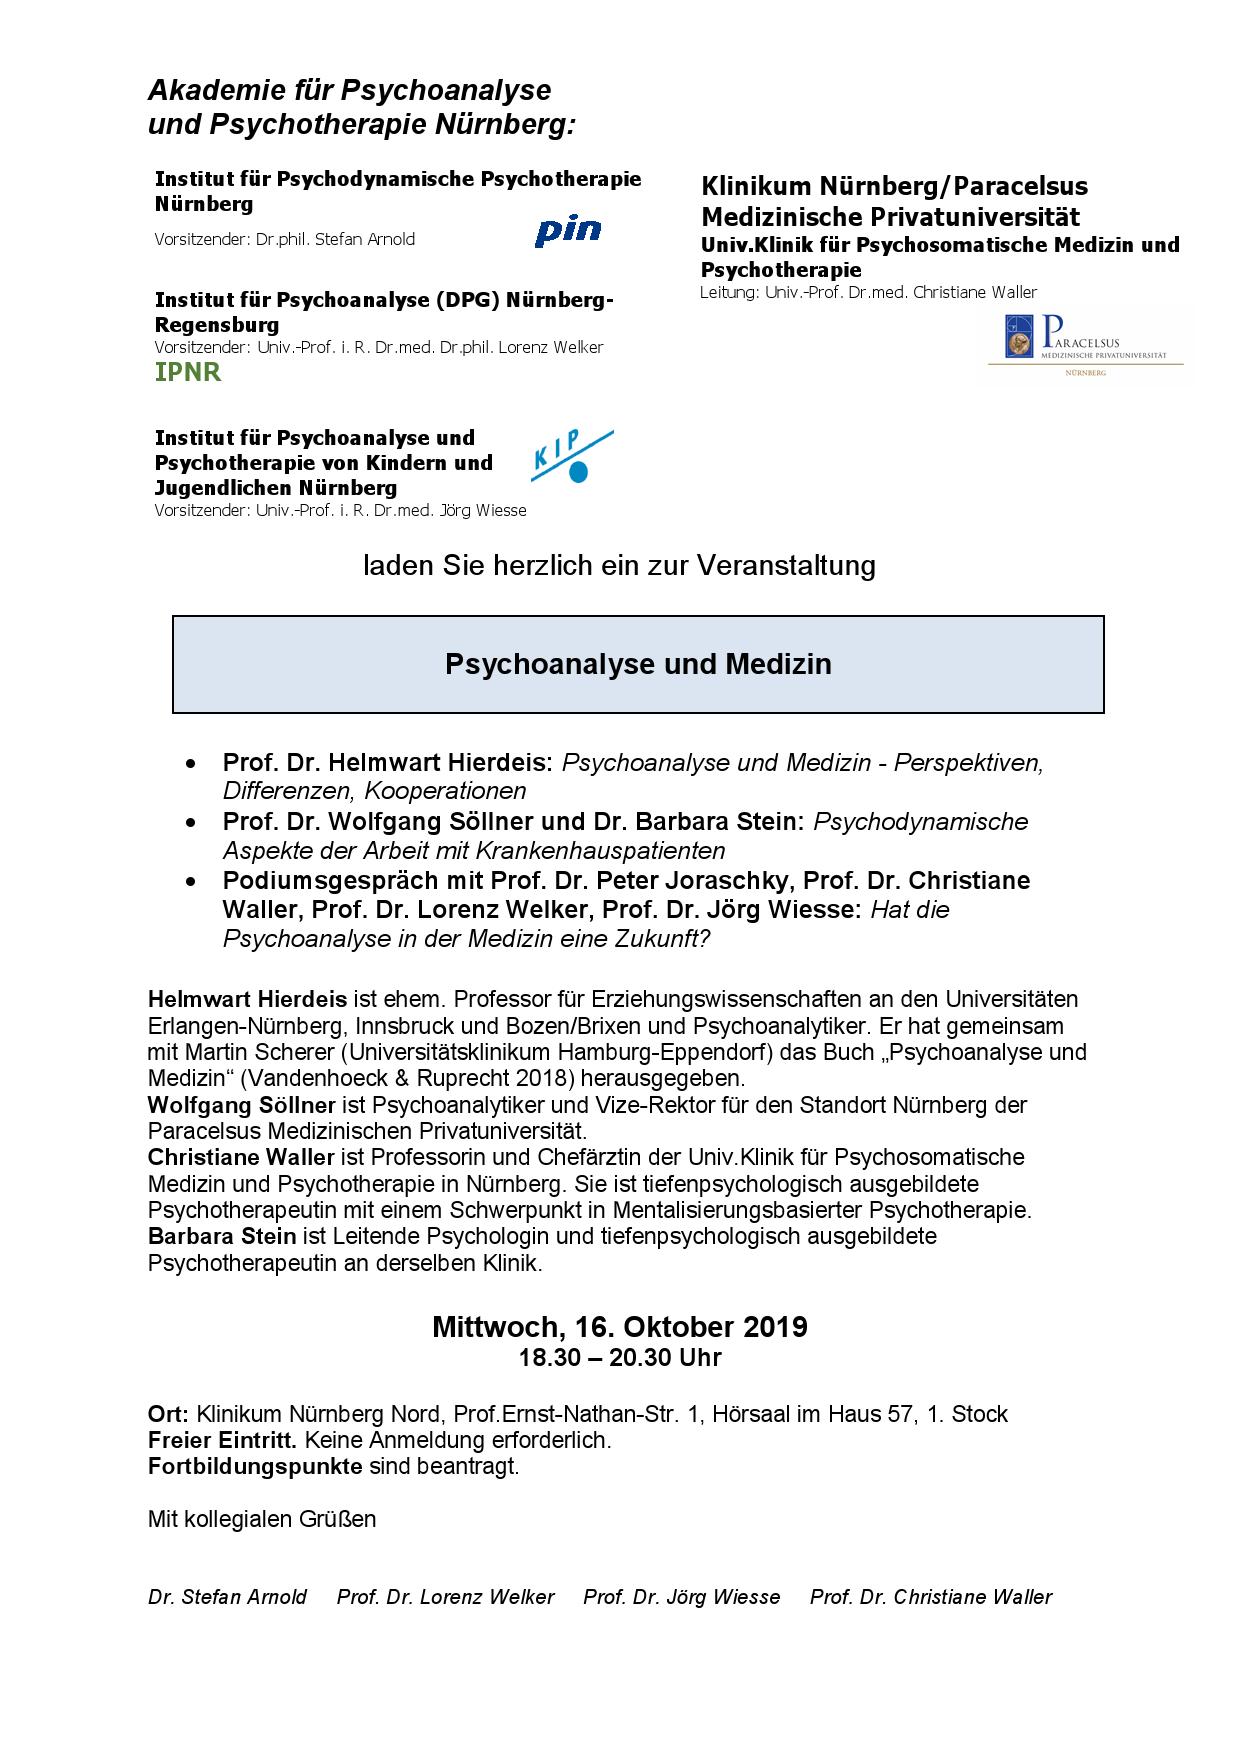 Veranstaltung Psychoanalyse und Medizin0001